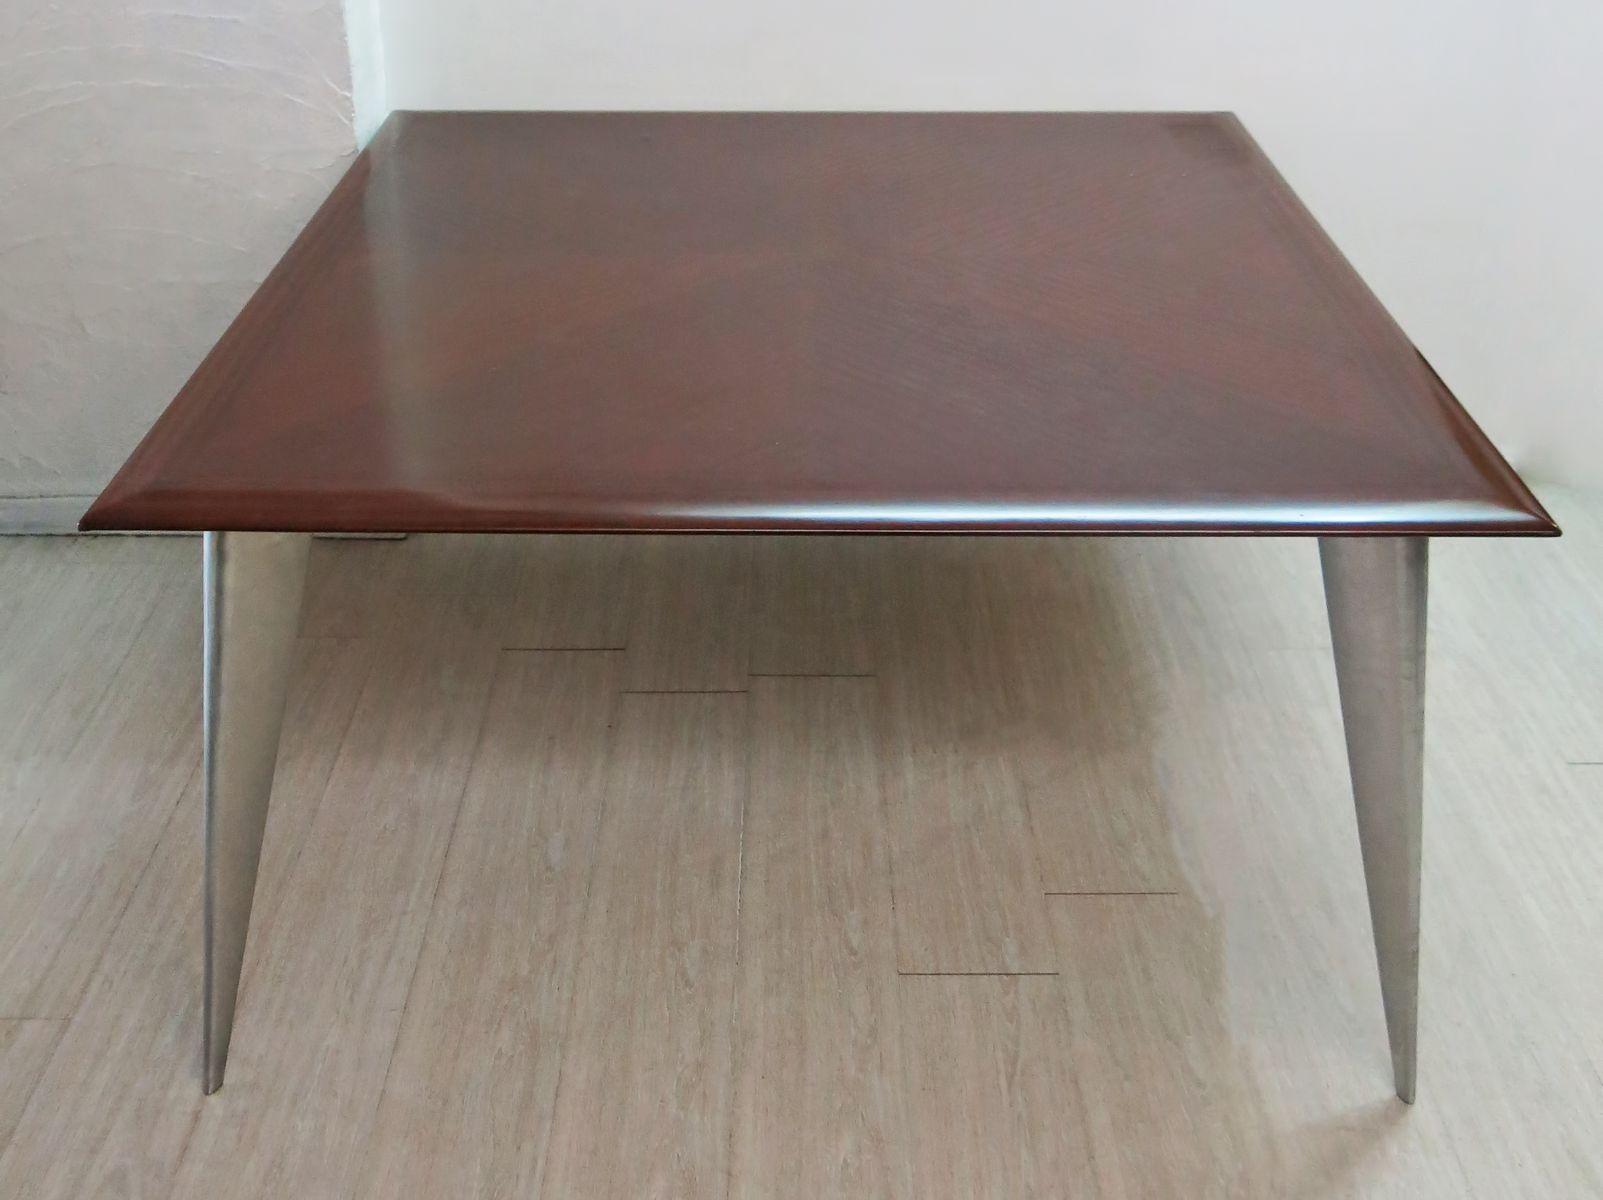 esszimmertisch aus mahagoni von philippe starck f r aleph. Black Bedroom Furniture Sets. Home Design Ideas